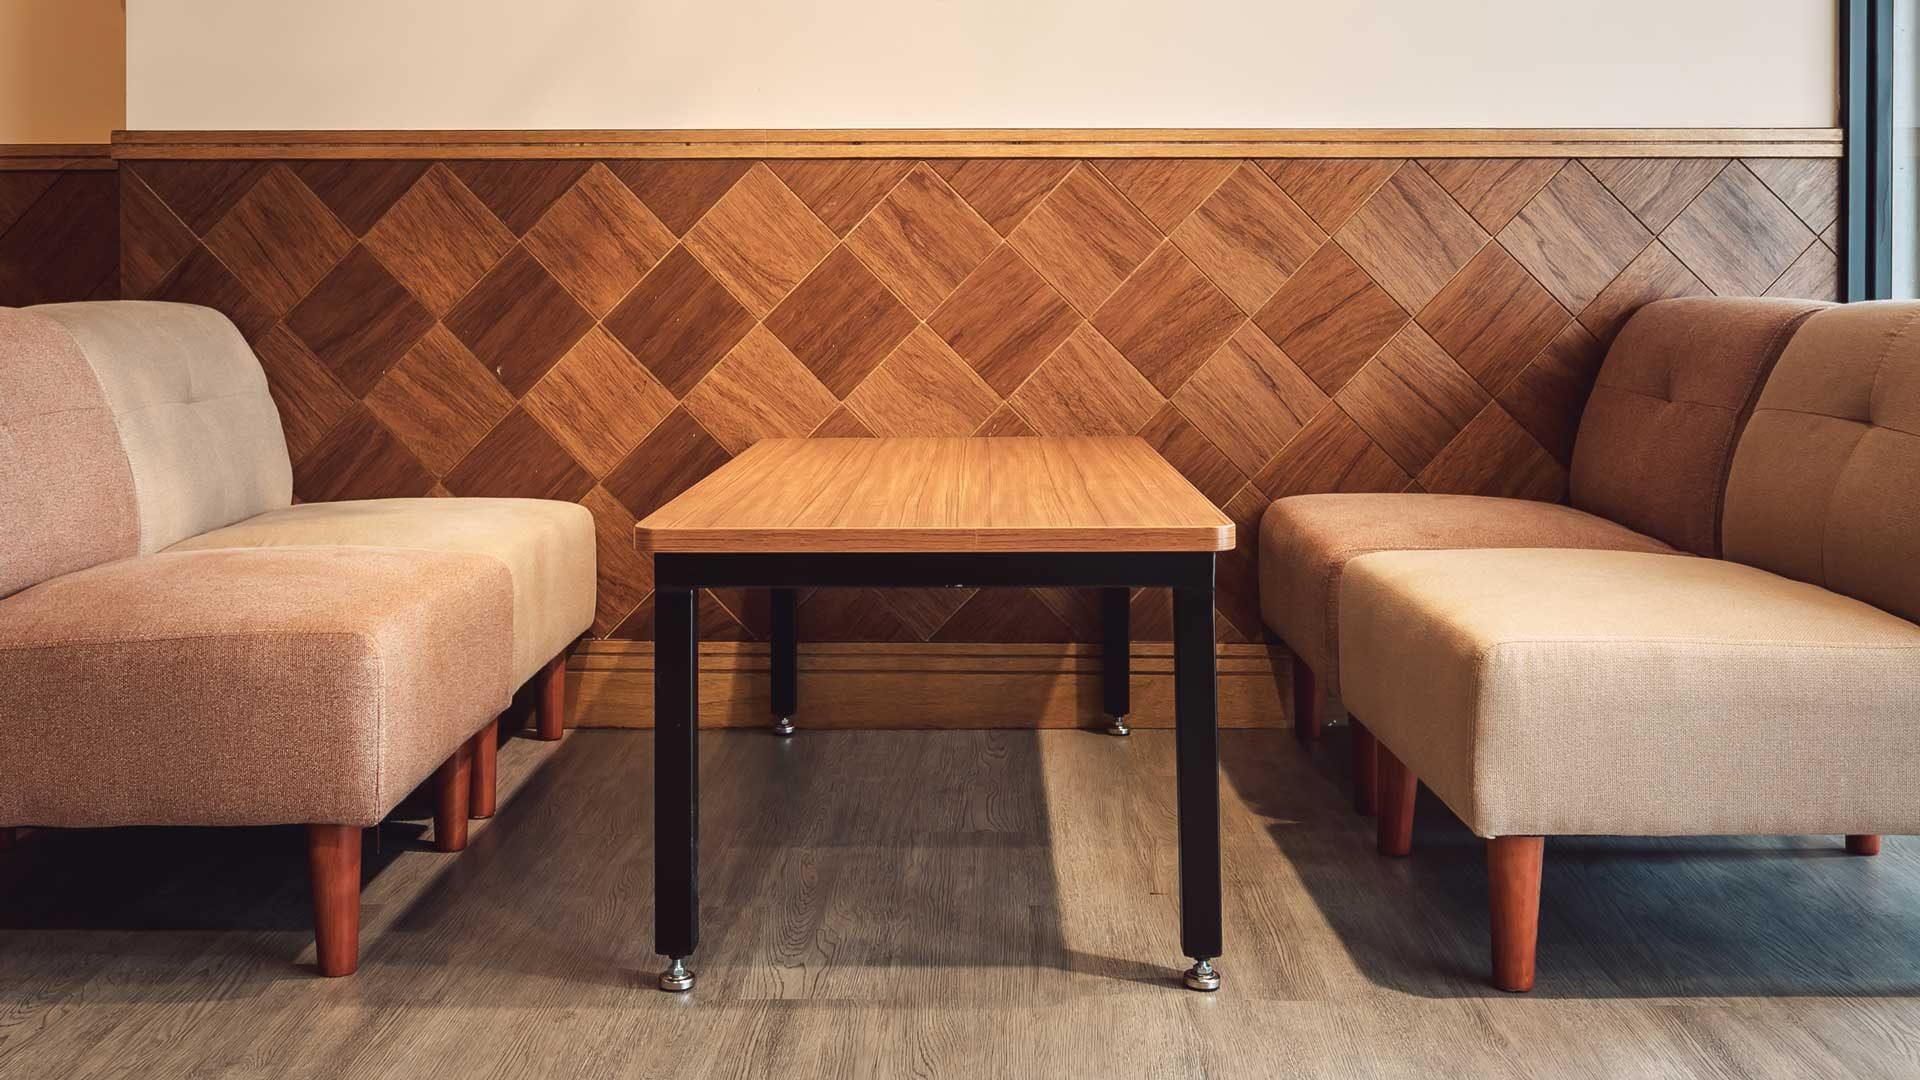 環繞全店牆壁的菱形牆板,靈感來自焦糖牛奶冰上頭的菱形格紋